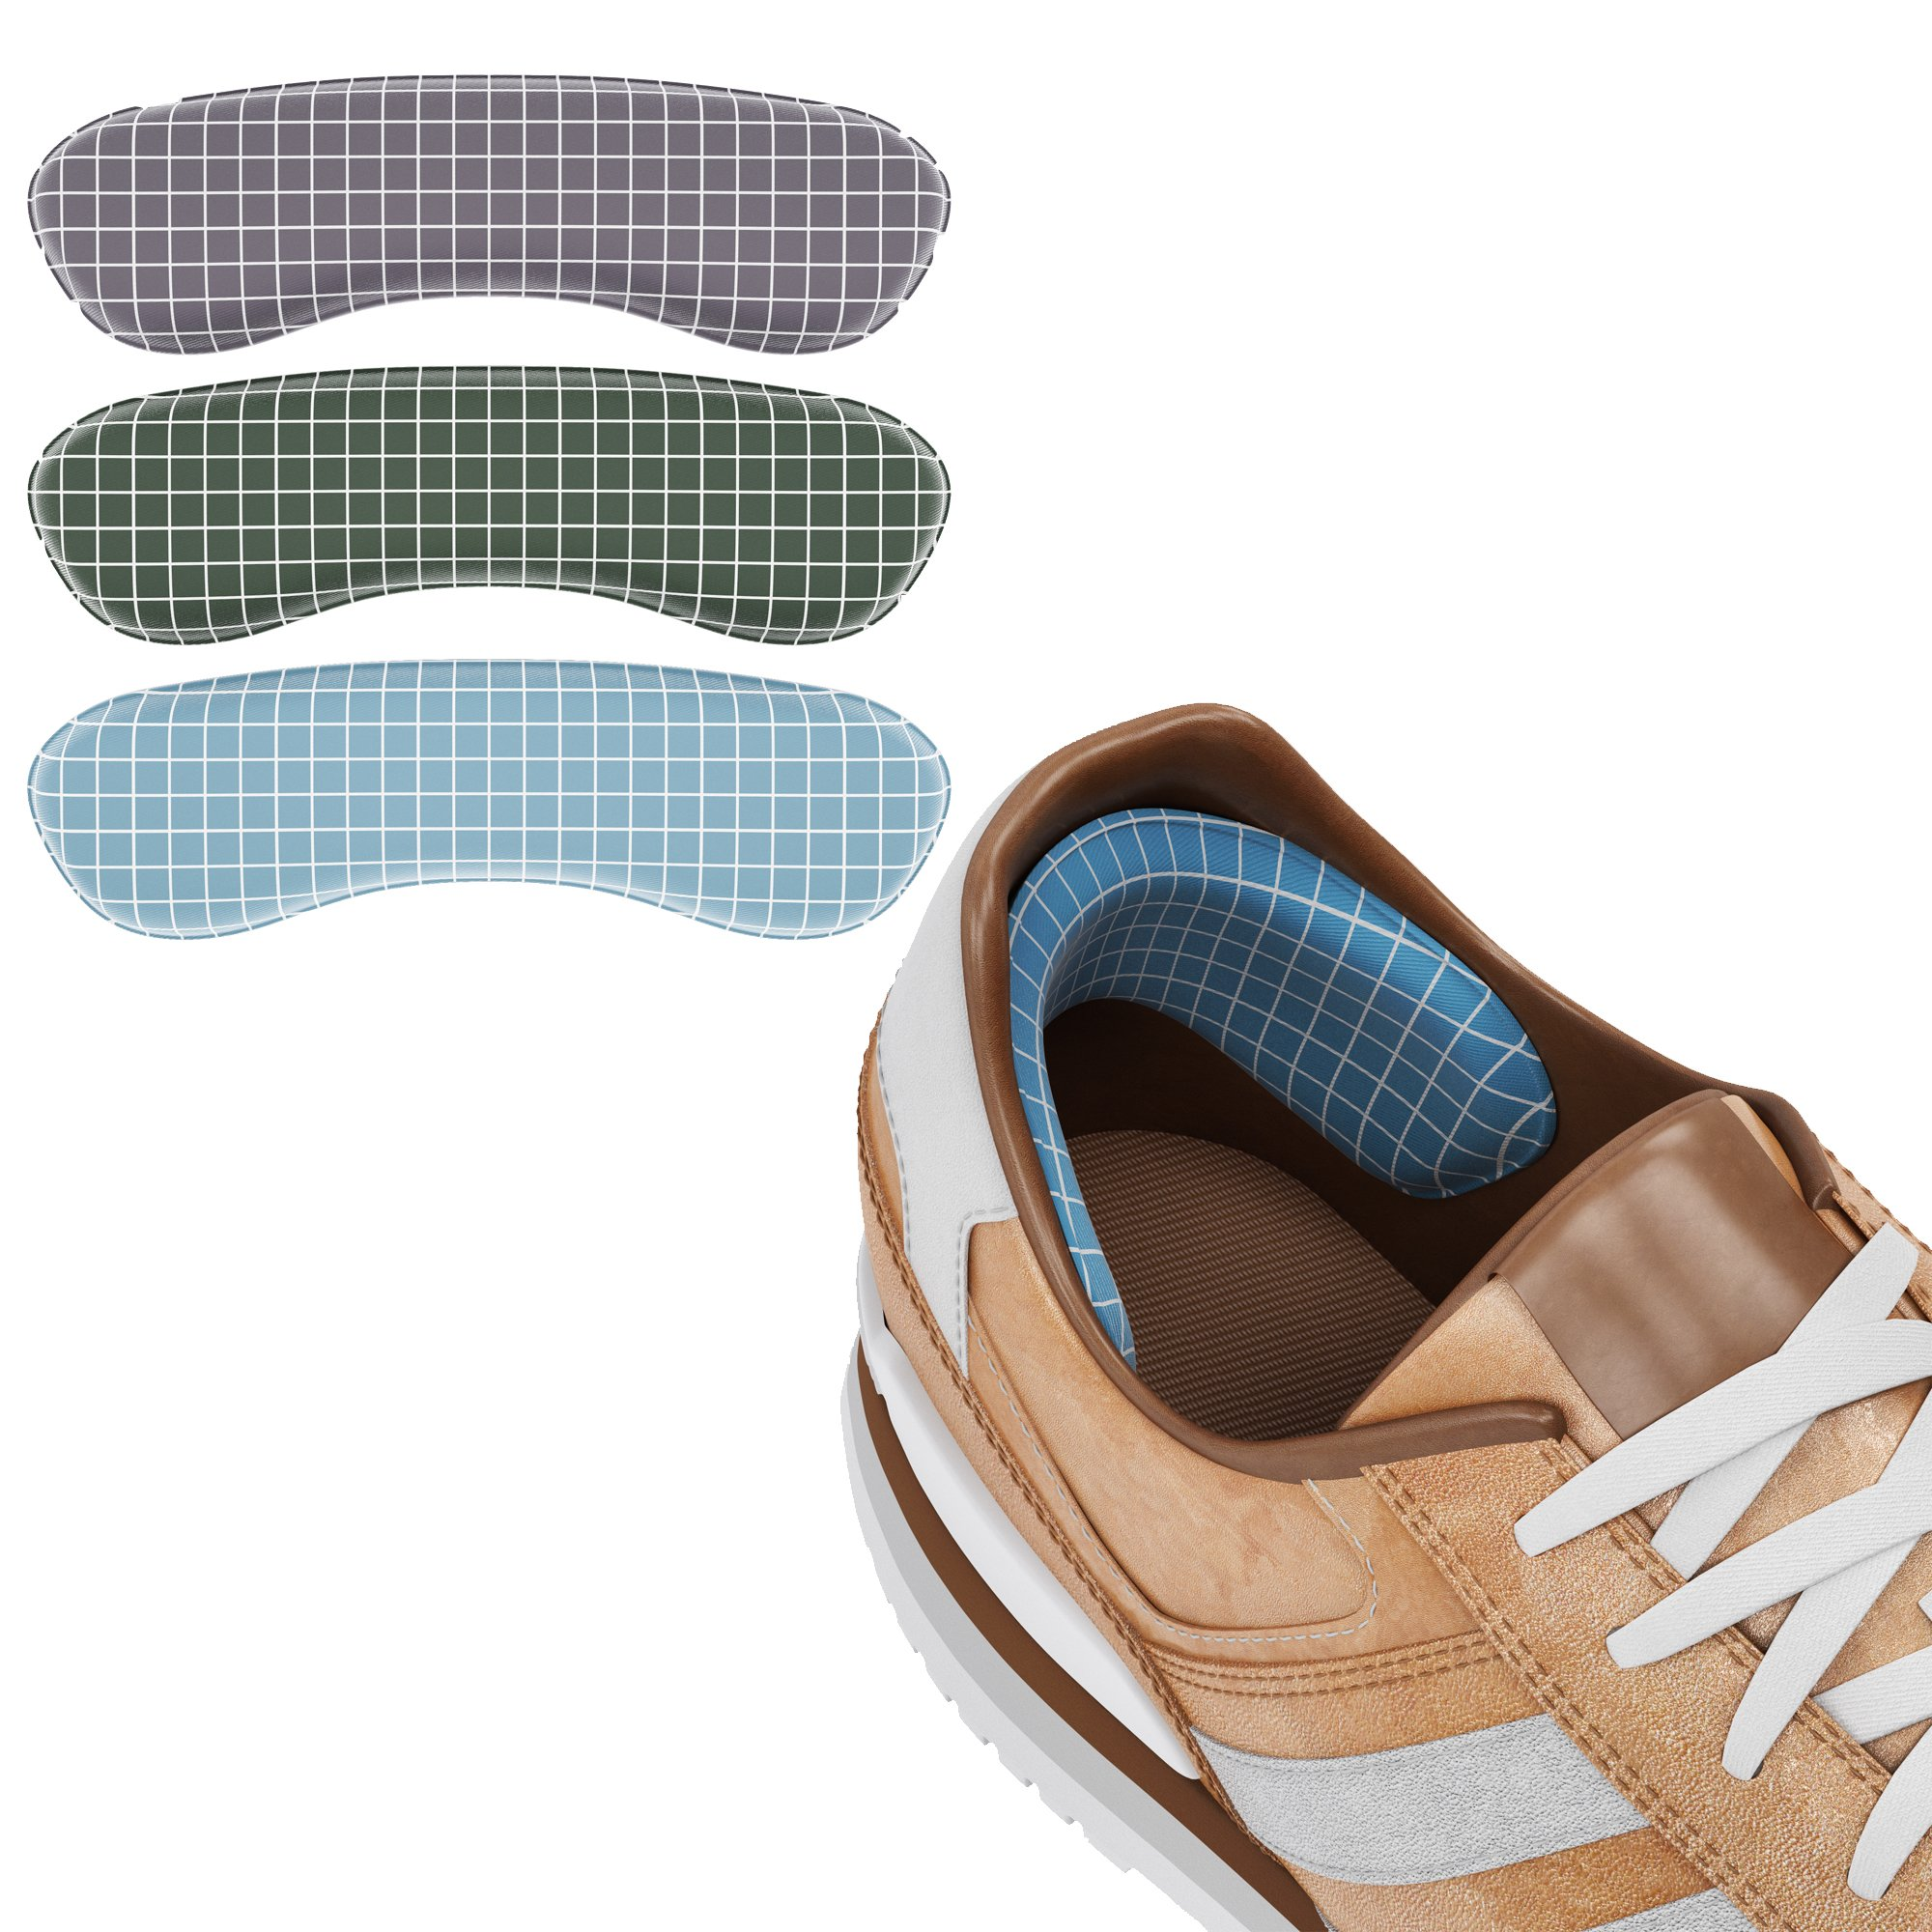 Ballotte - Heel Cushion Inserts - Heel Grips - Heel Pads - Shoe Pads - High Heel Inserts for Women - Heel Liners - Heel Grips for Loose Shoes - 10 Pcs